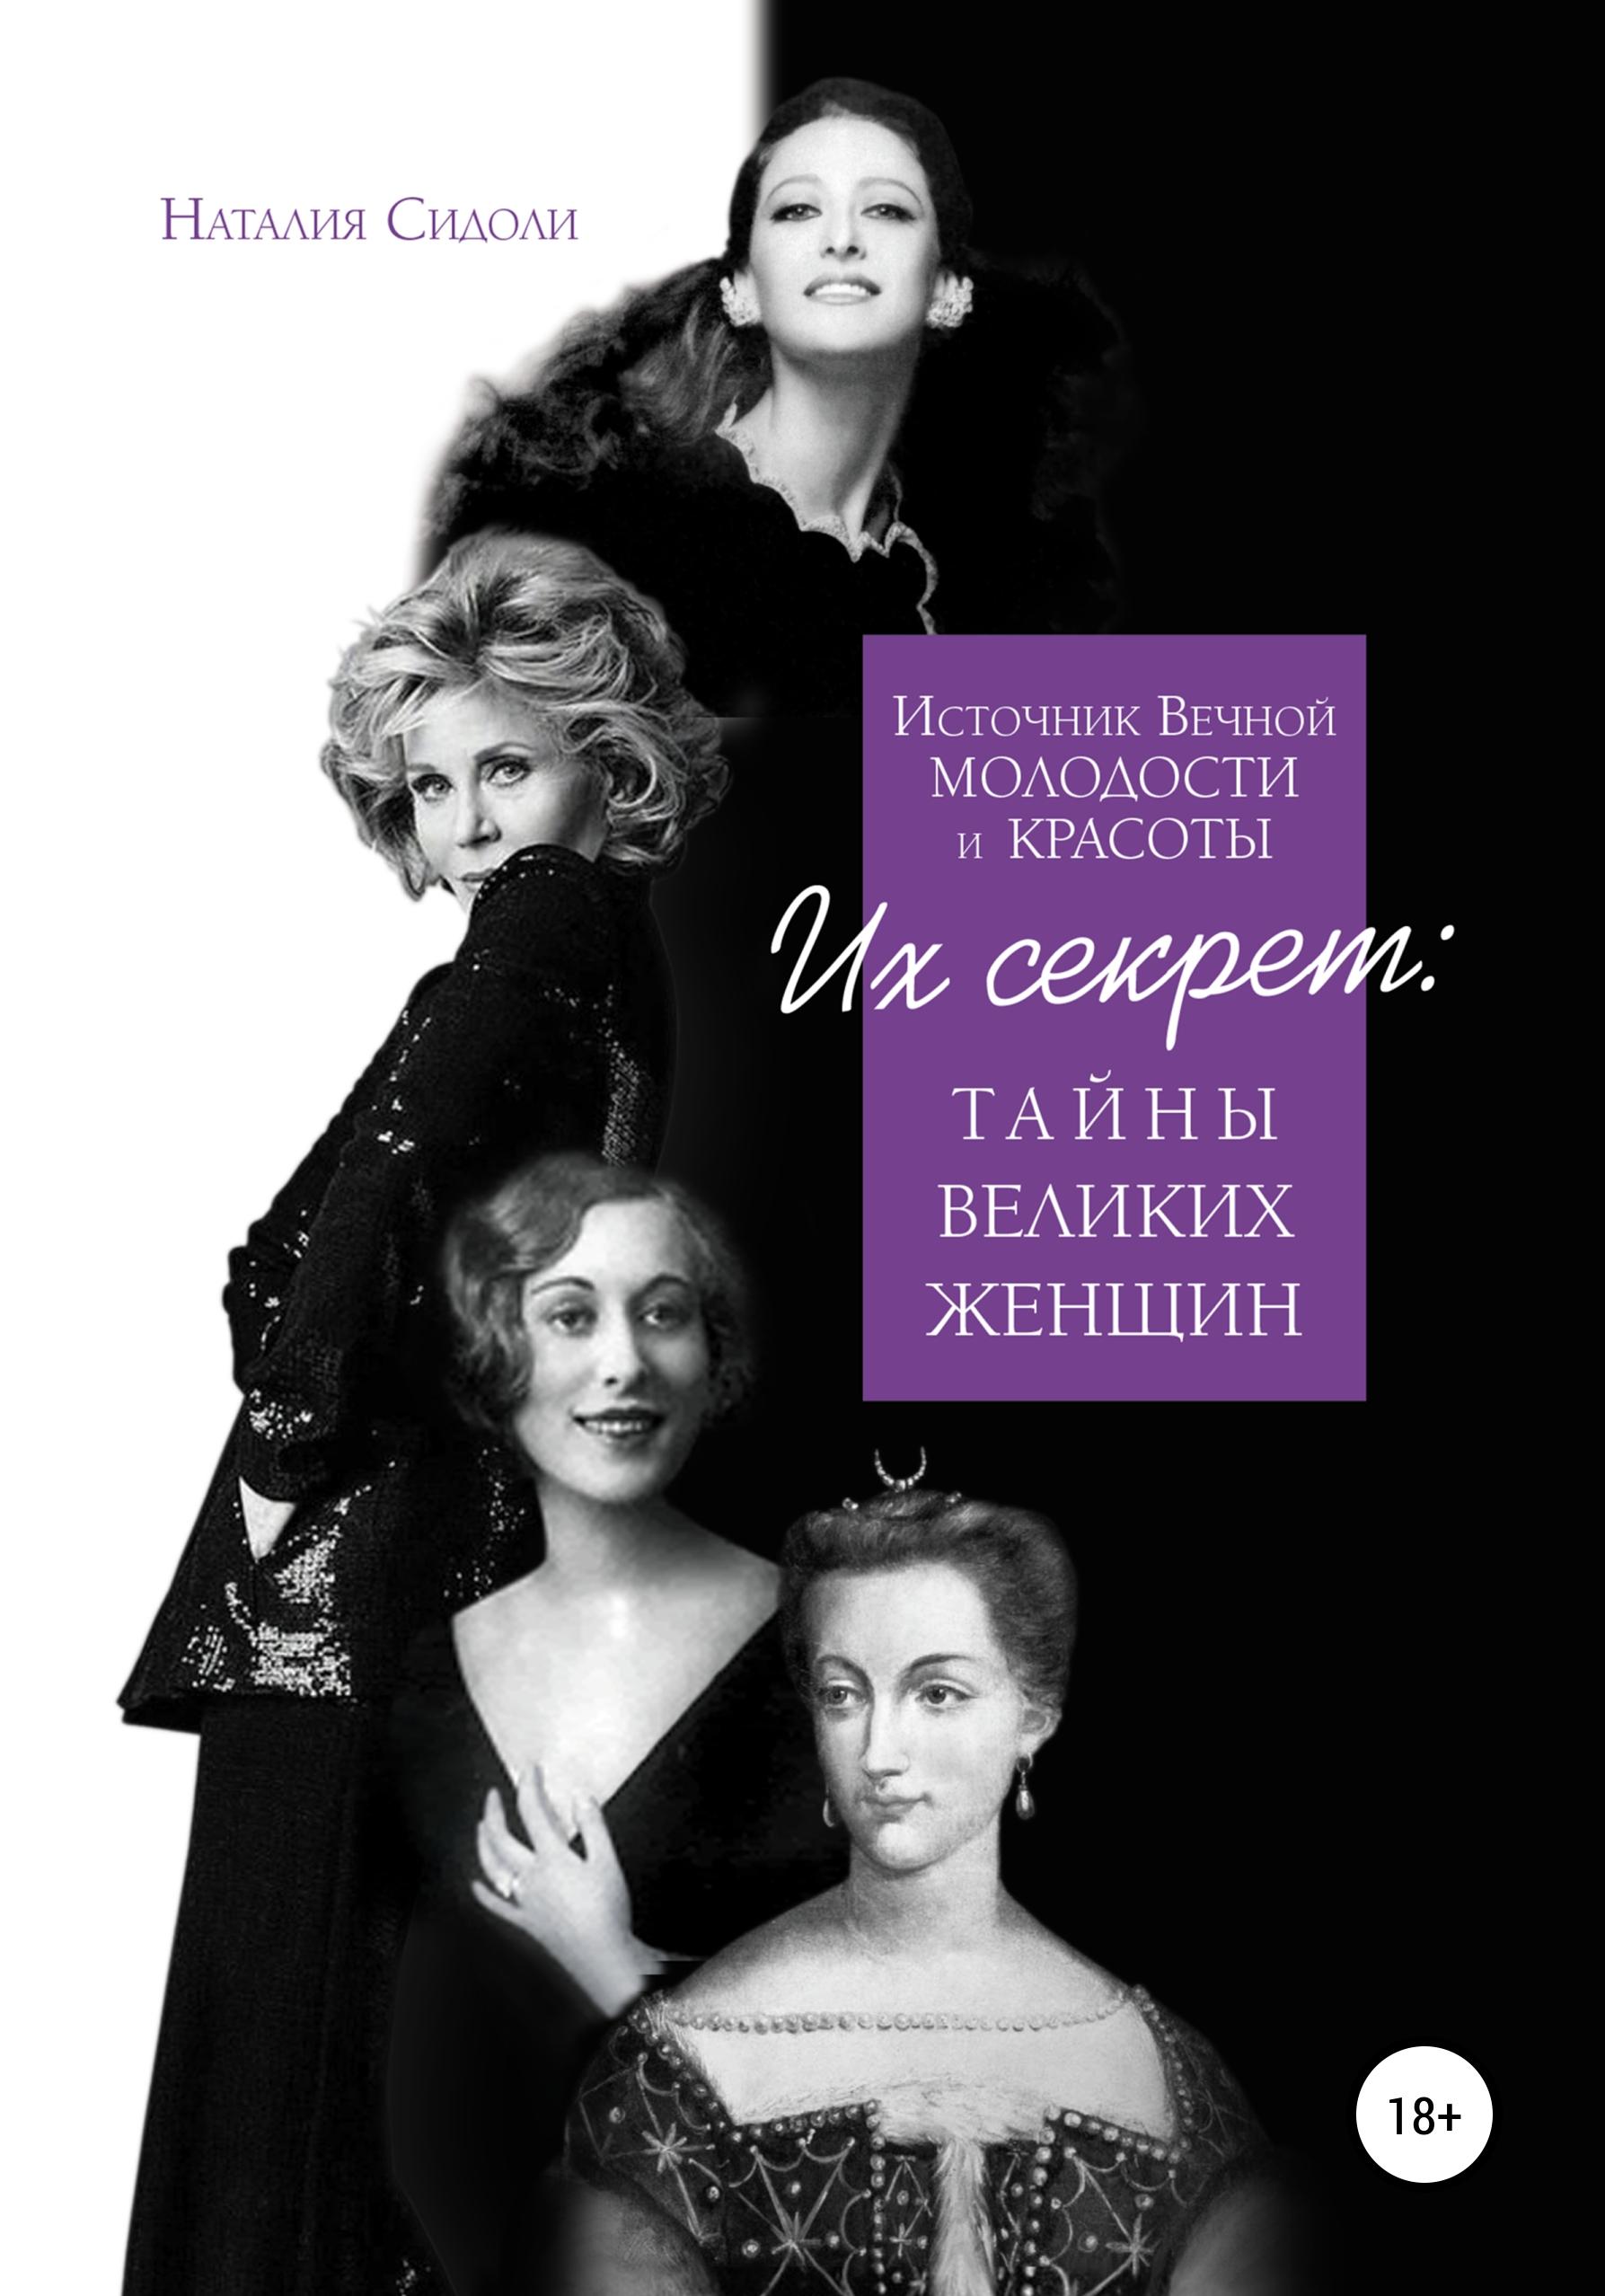 Купить книгу Источник вечной молодости и красоты. Их секрет: тайны великих женщин, автора Наталии Сидоли